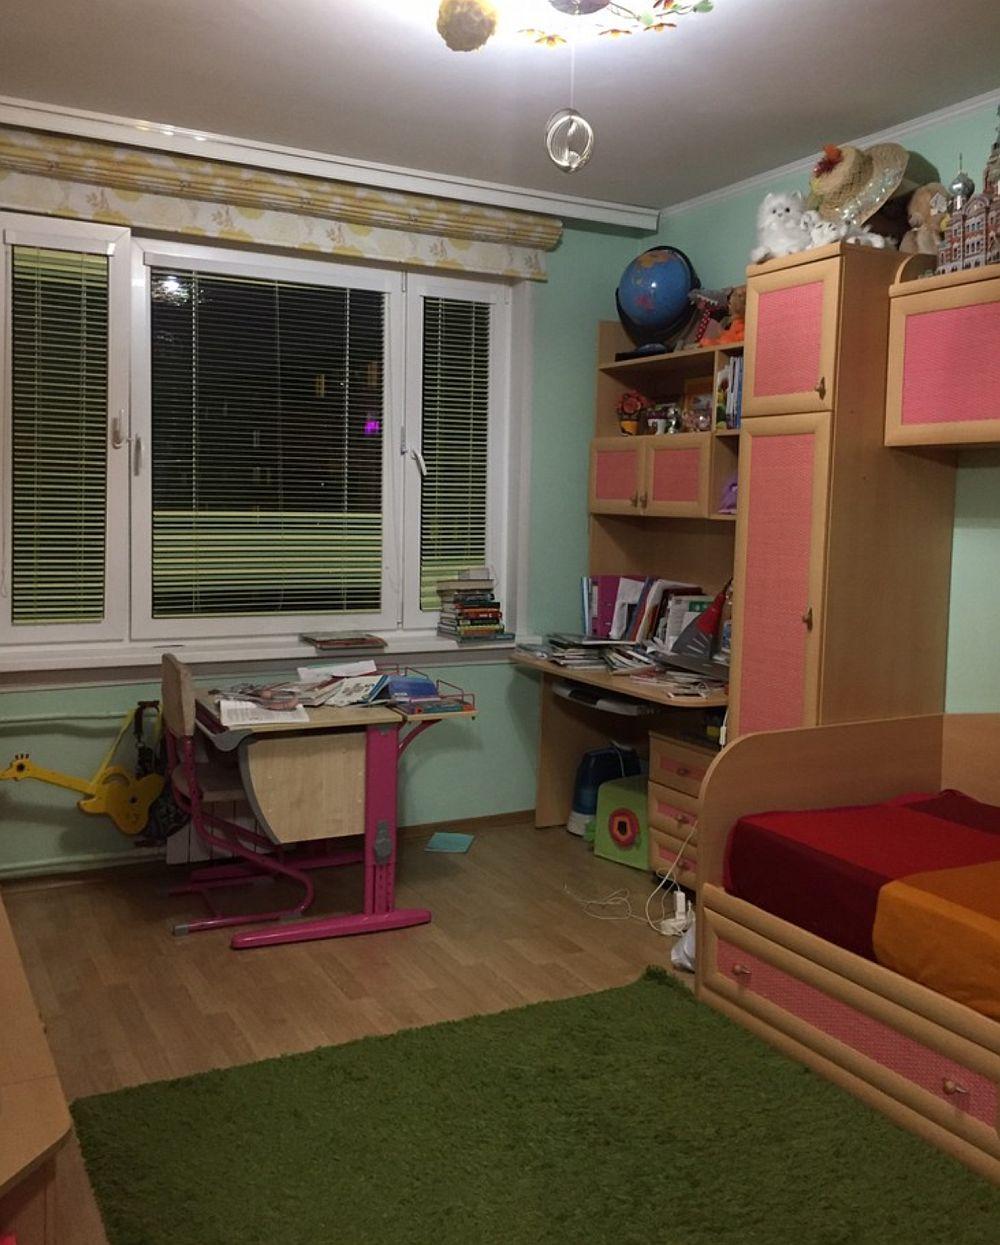 Camera fetei înainte de decorare era amenajată ca pentru un copil mic cu mobilă de serie cumpărată din magazine. Ea și-a dorit ca la 14 ani să beneficieze de o amenajare diferită.